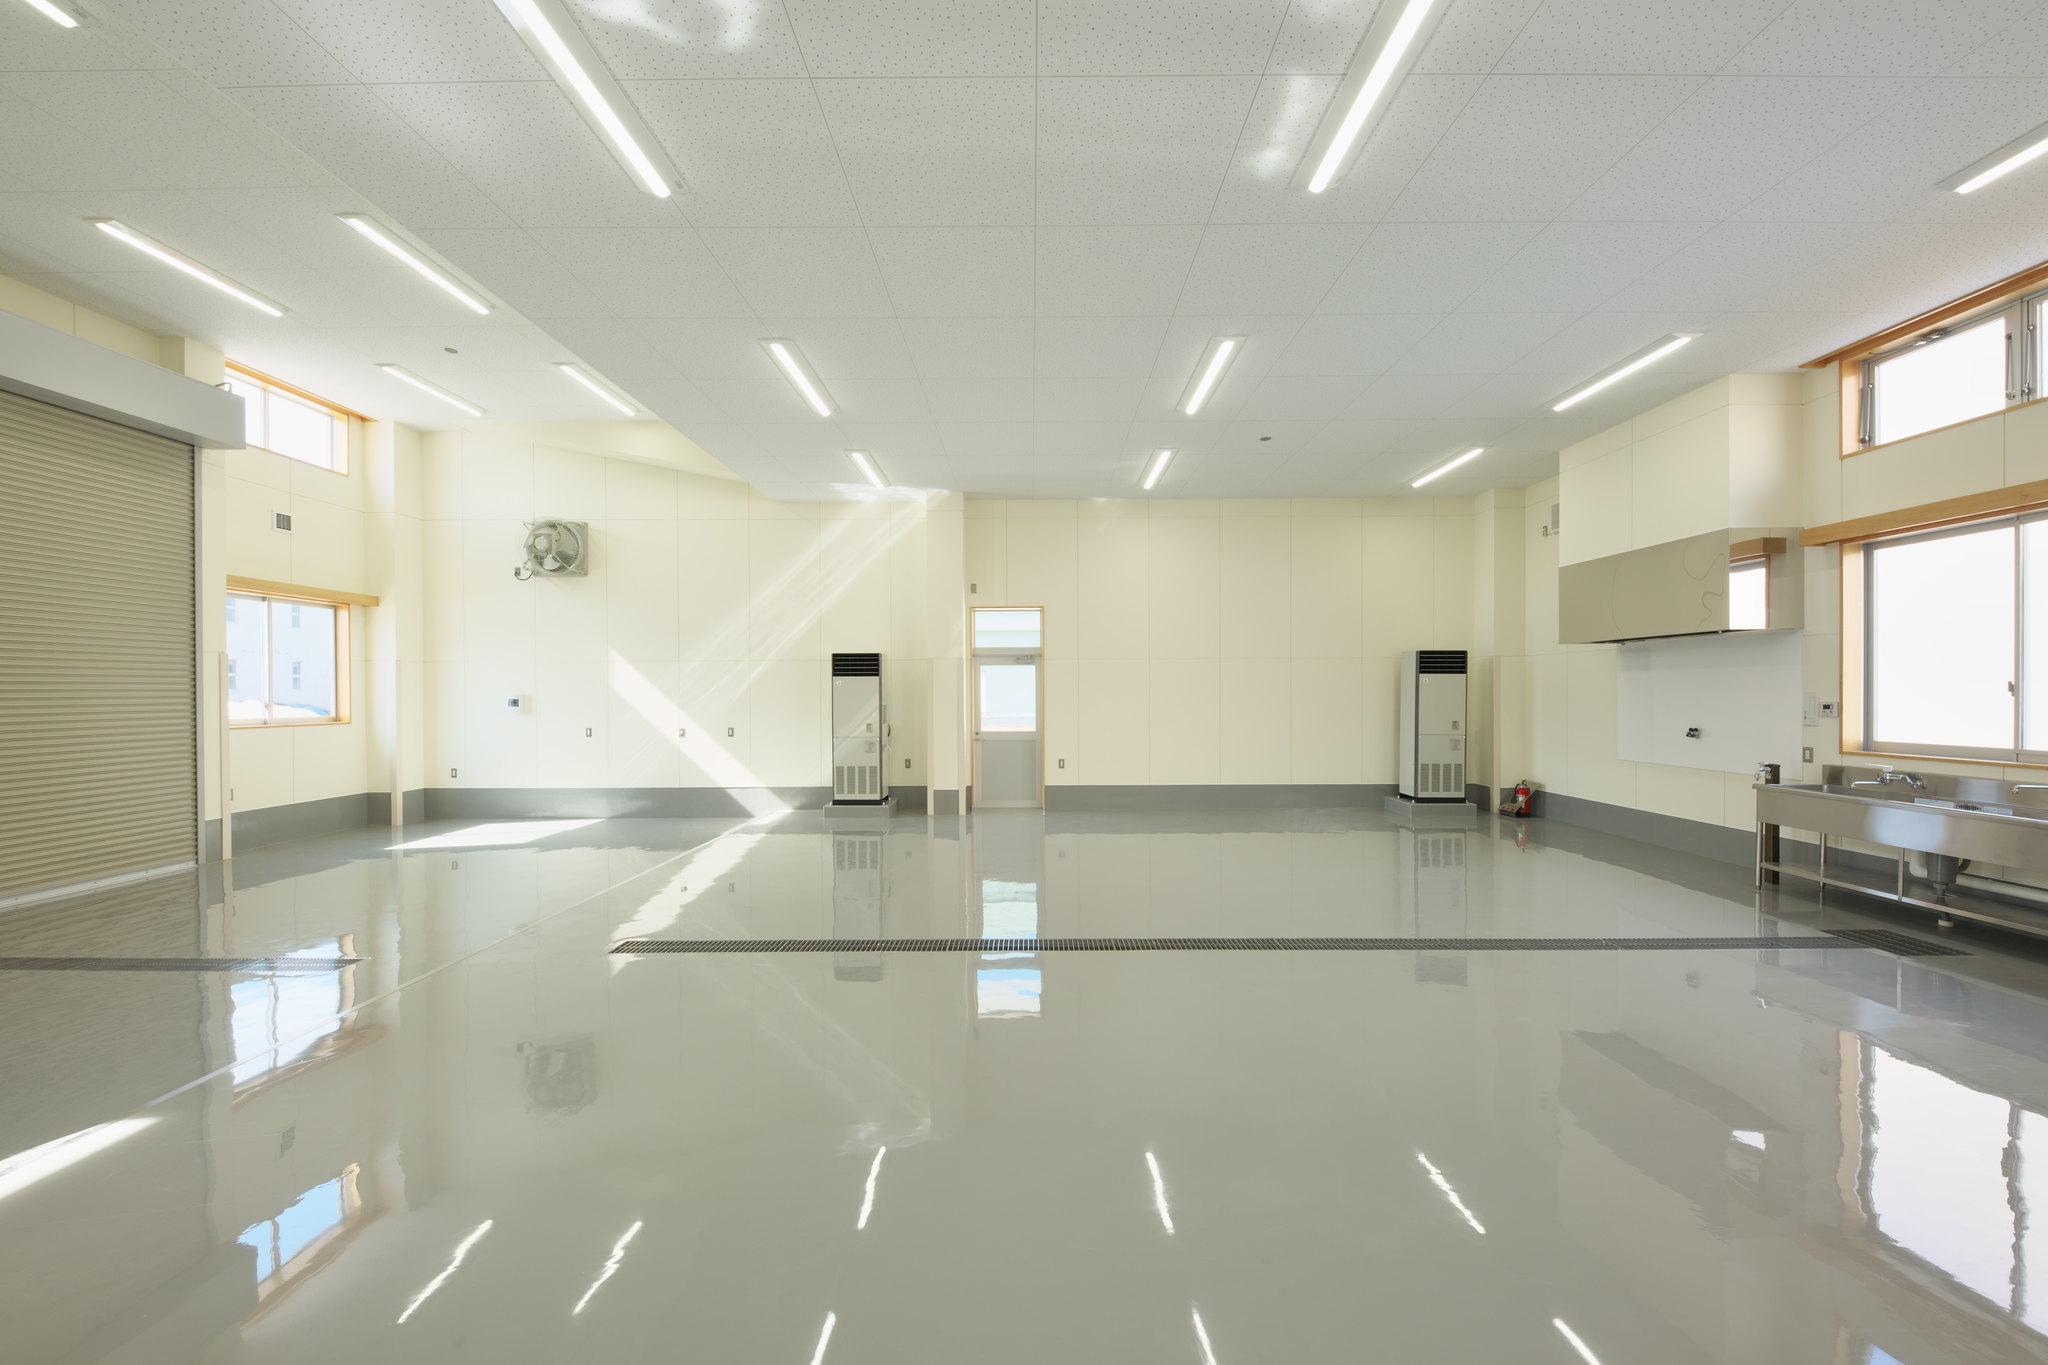 産業技術短大土木EG実験棟|市村工務店